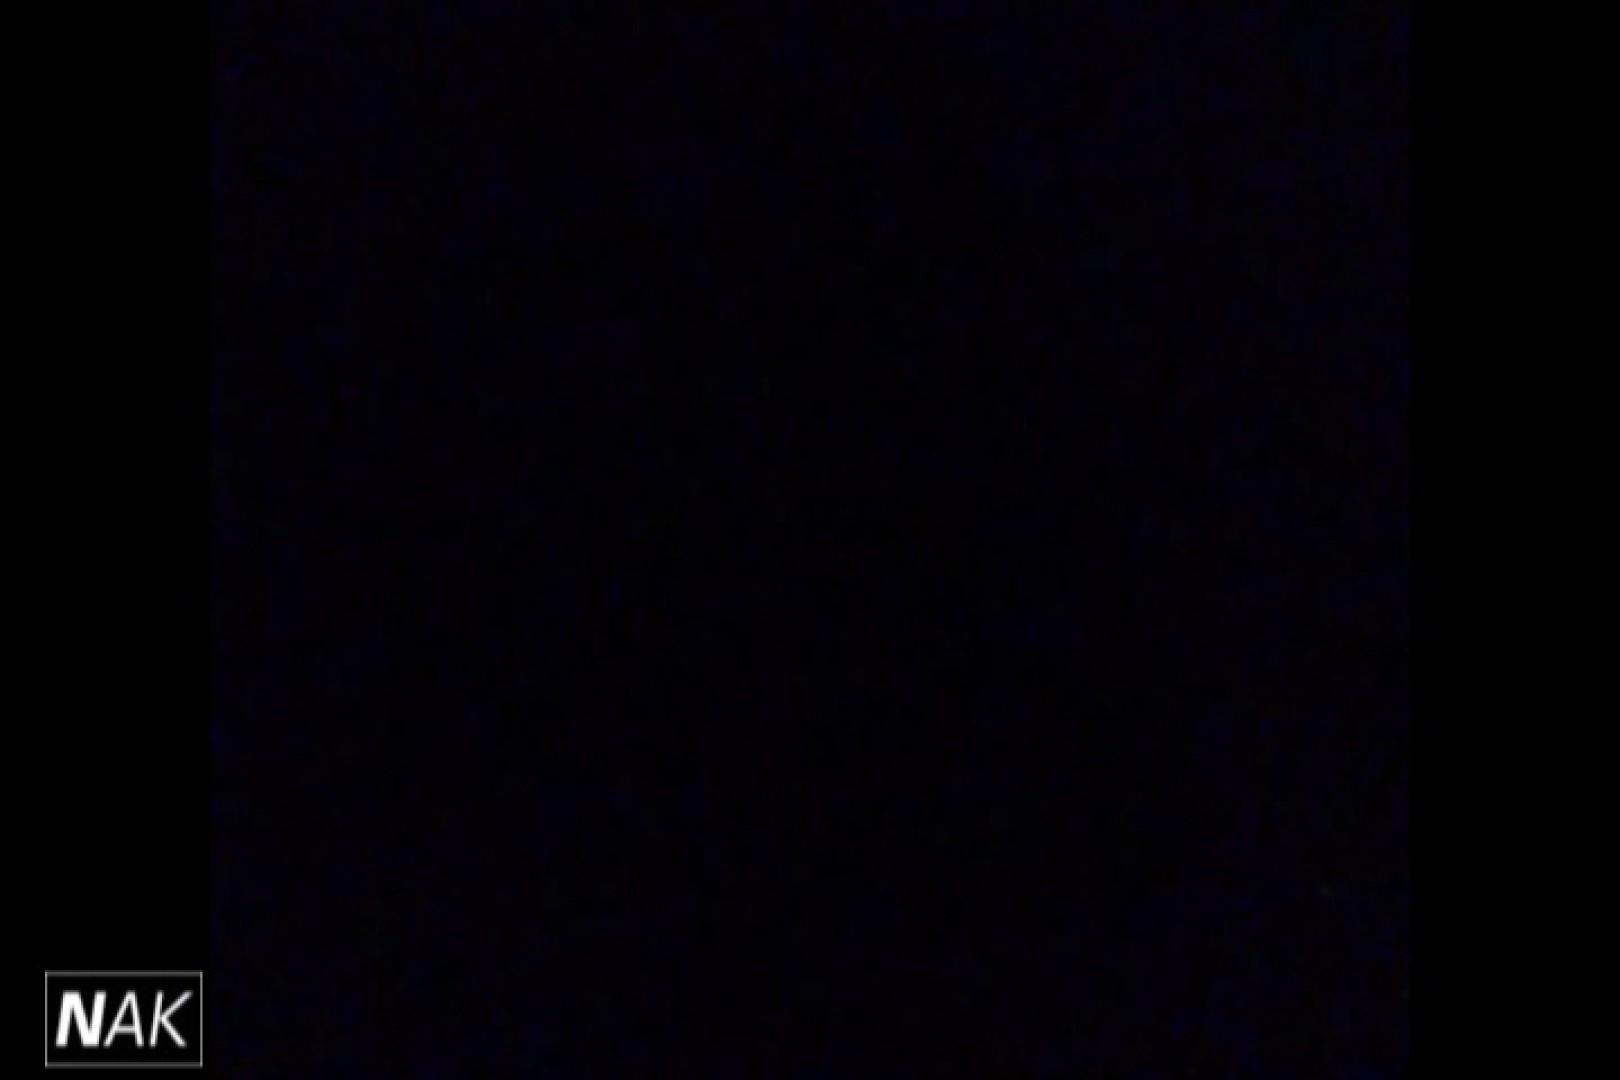 せん八さんの厠観察日記!2点監視カメラ 高画質5000K vol.08 HなOL | Hなお姉さん  95pic 44